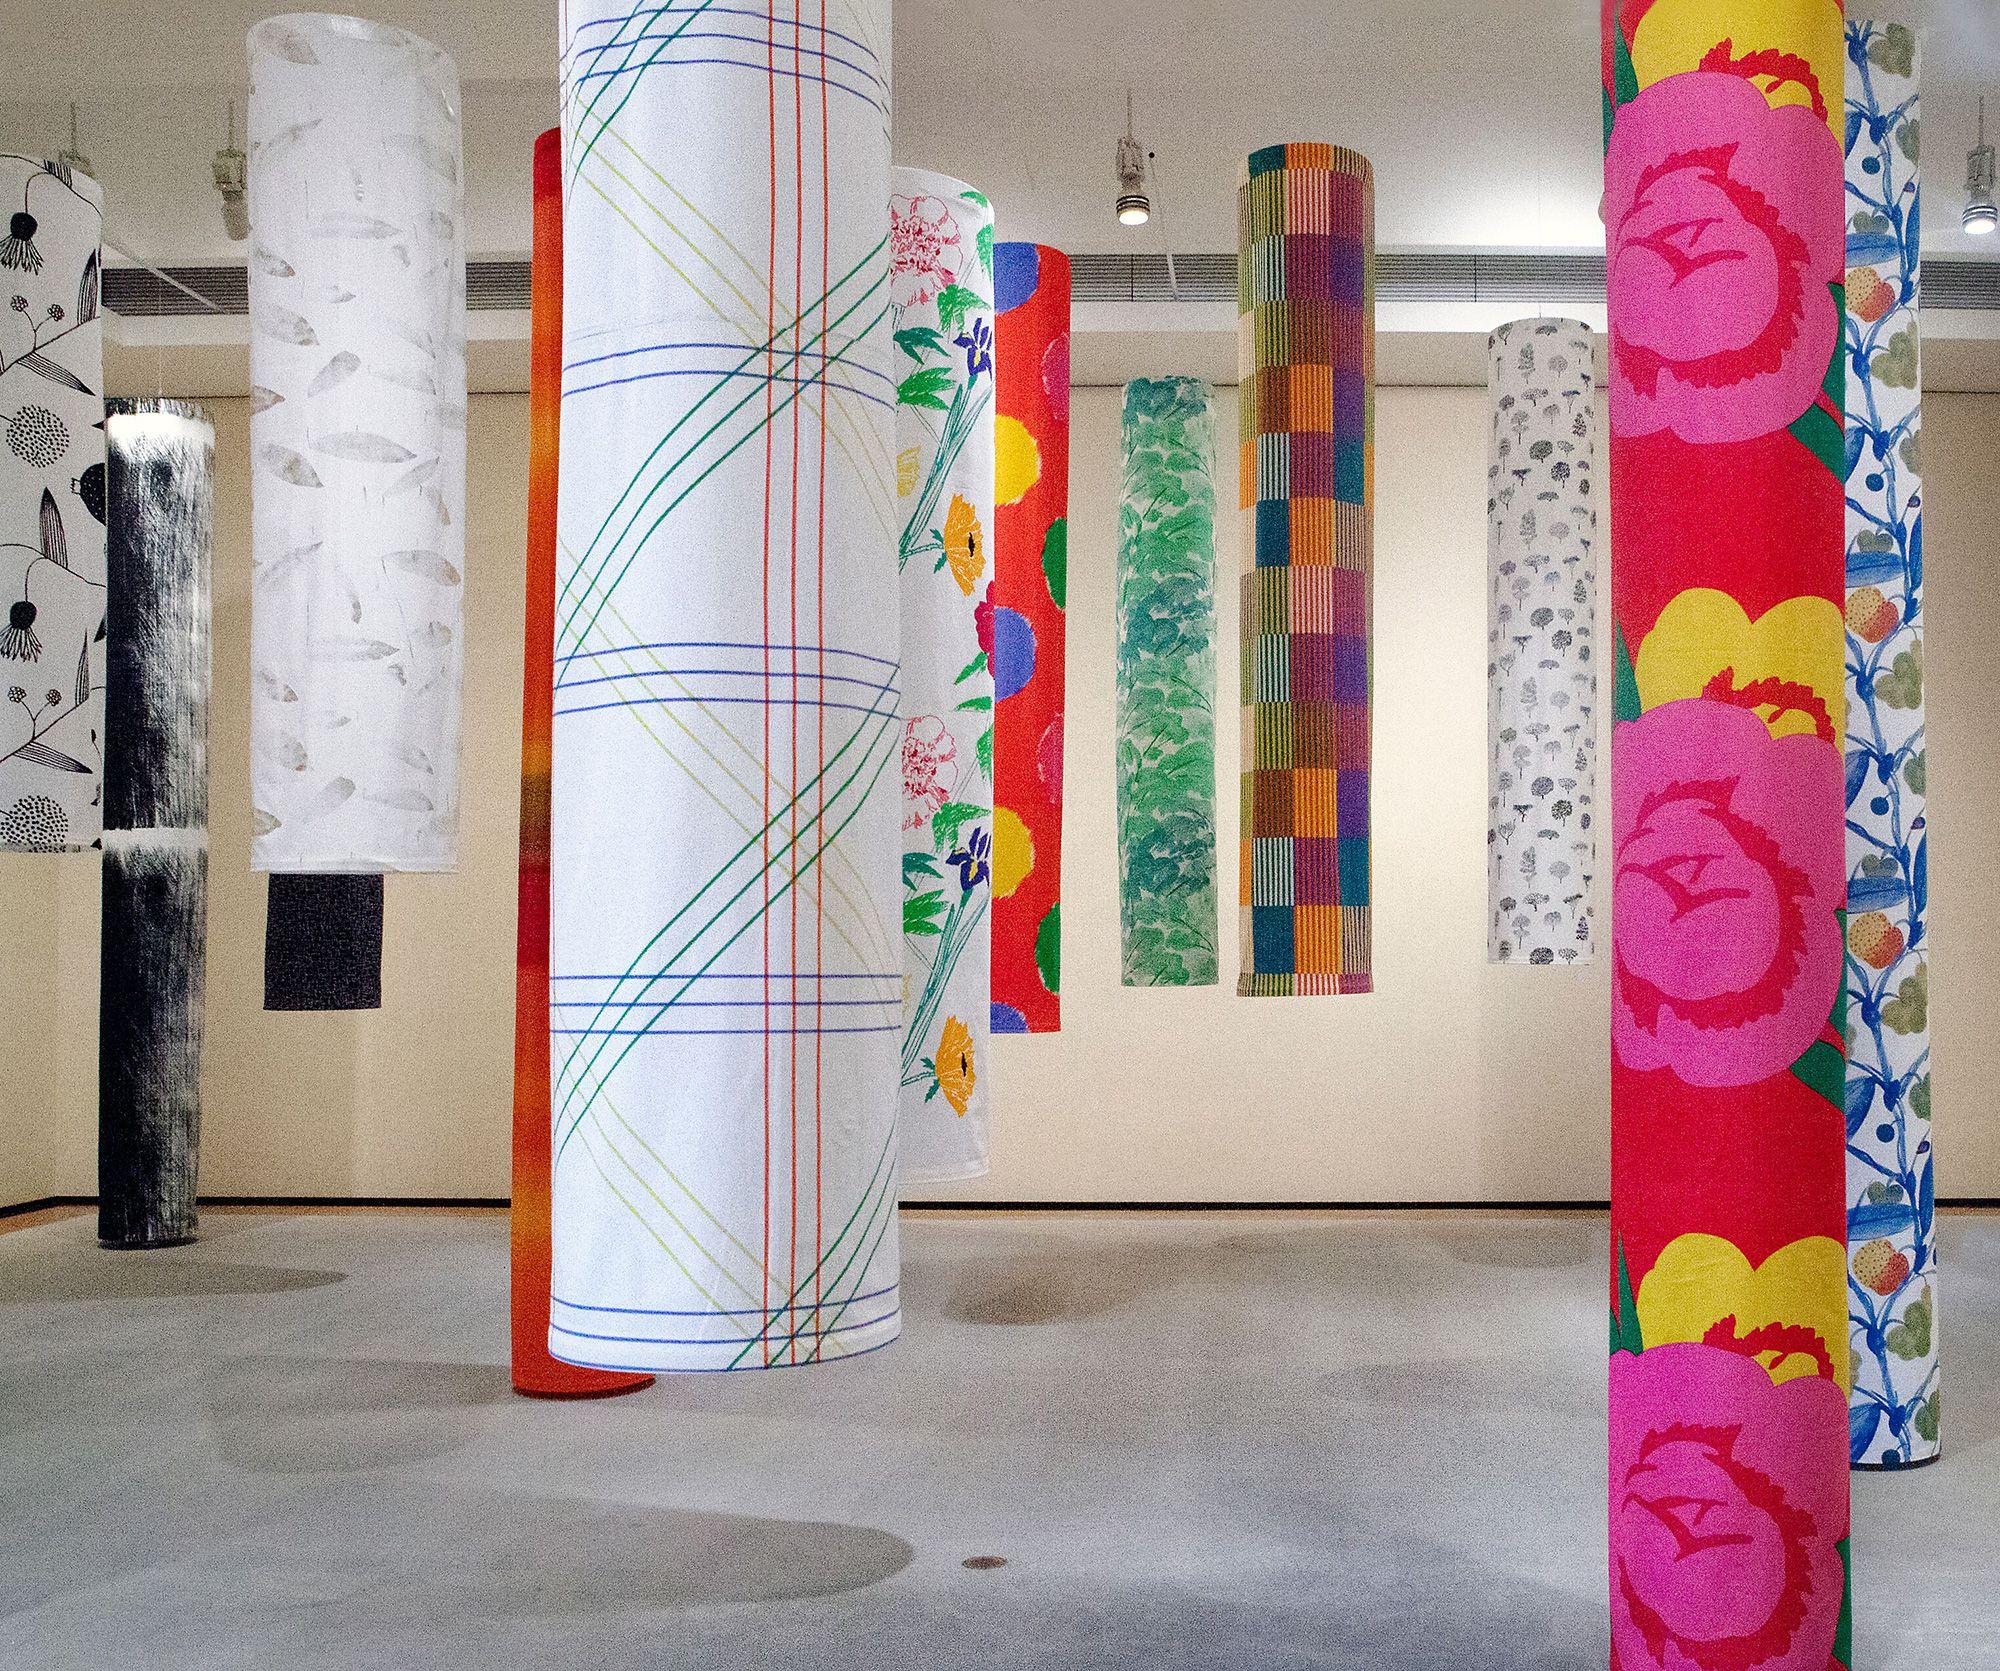 昨年10月~12月に開催された、愛媛県美術館「石本藤雄展-マリメッコの花から陶の実へ-」での展示の様子。石本藤雄デザインのテキスタイルが並ぶ。